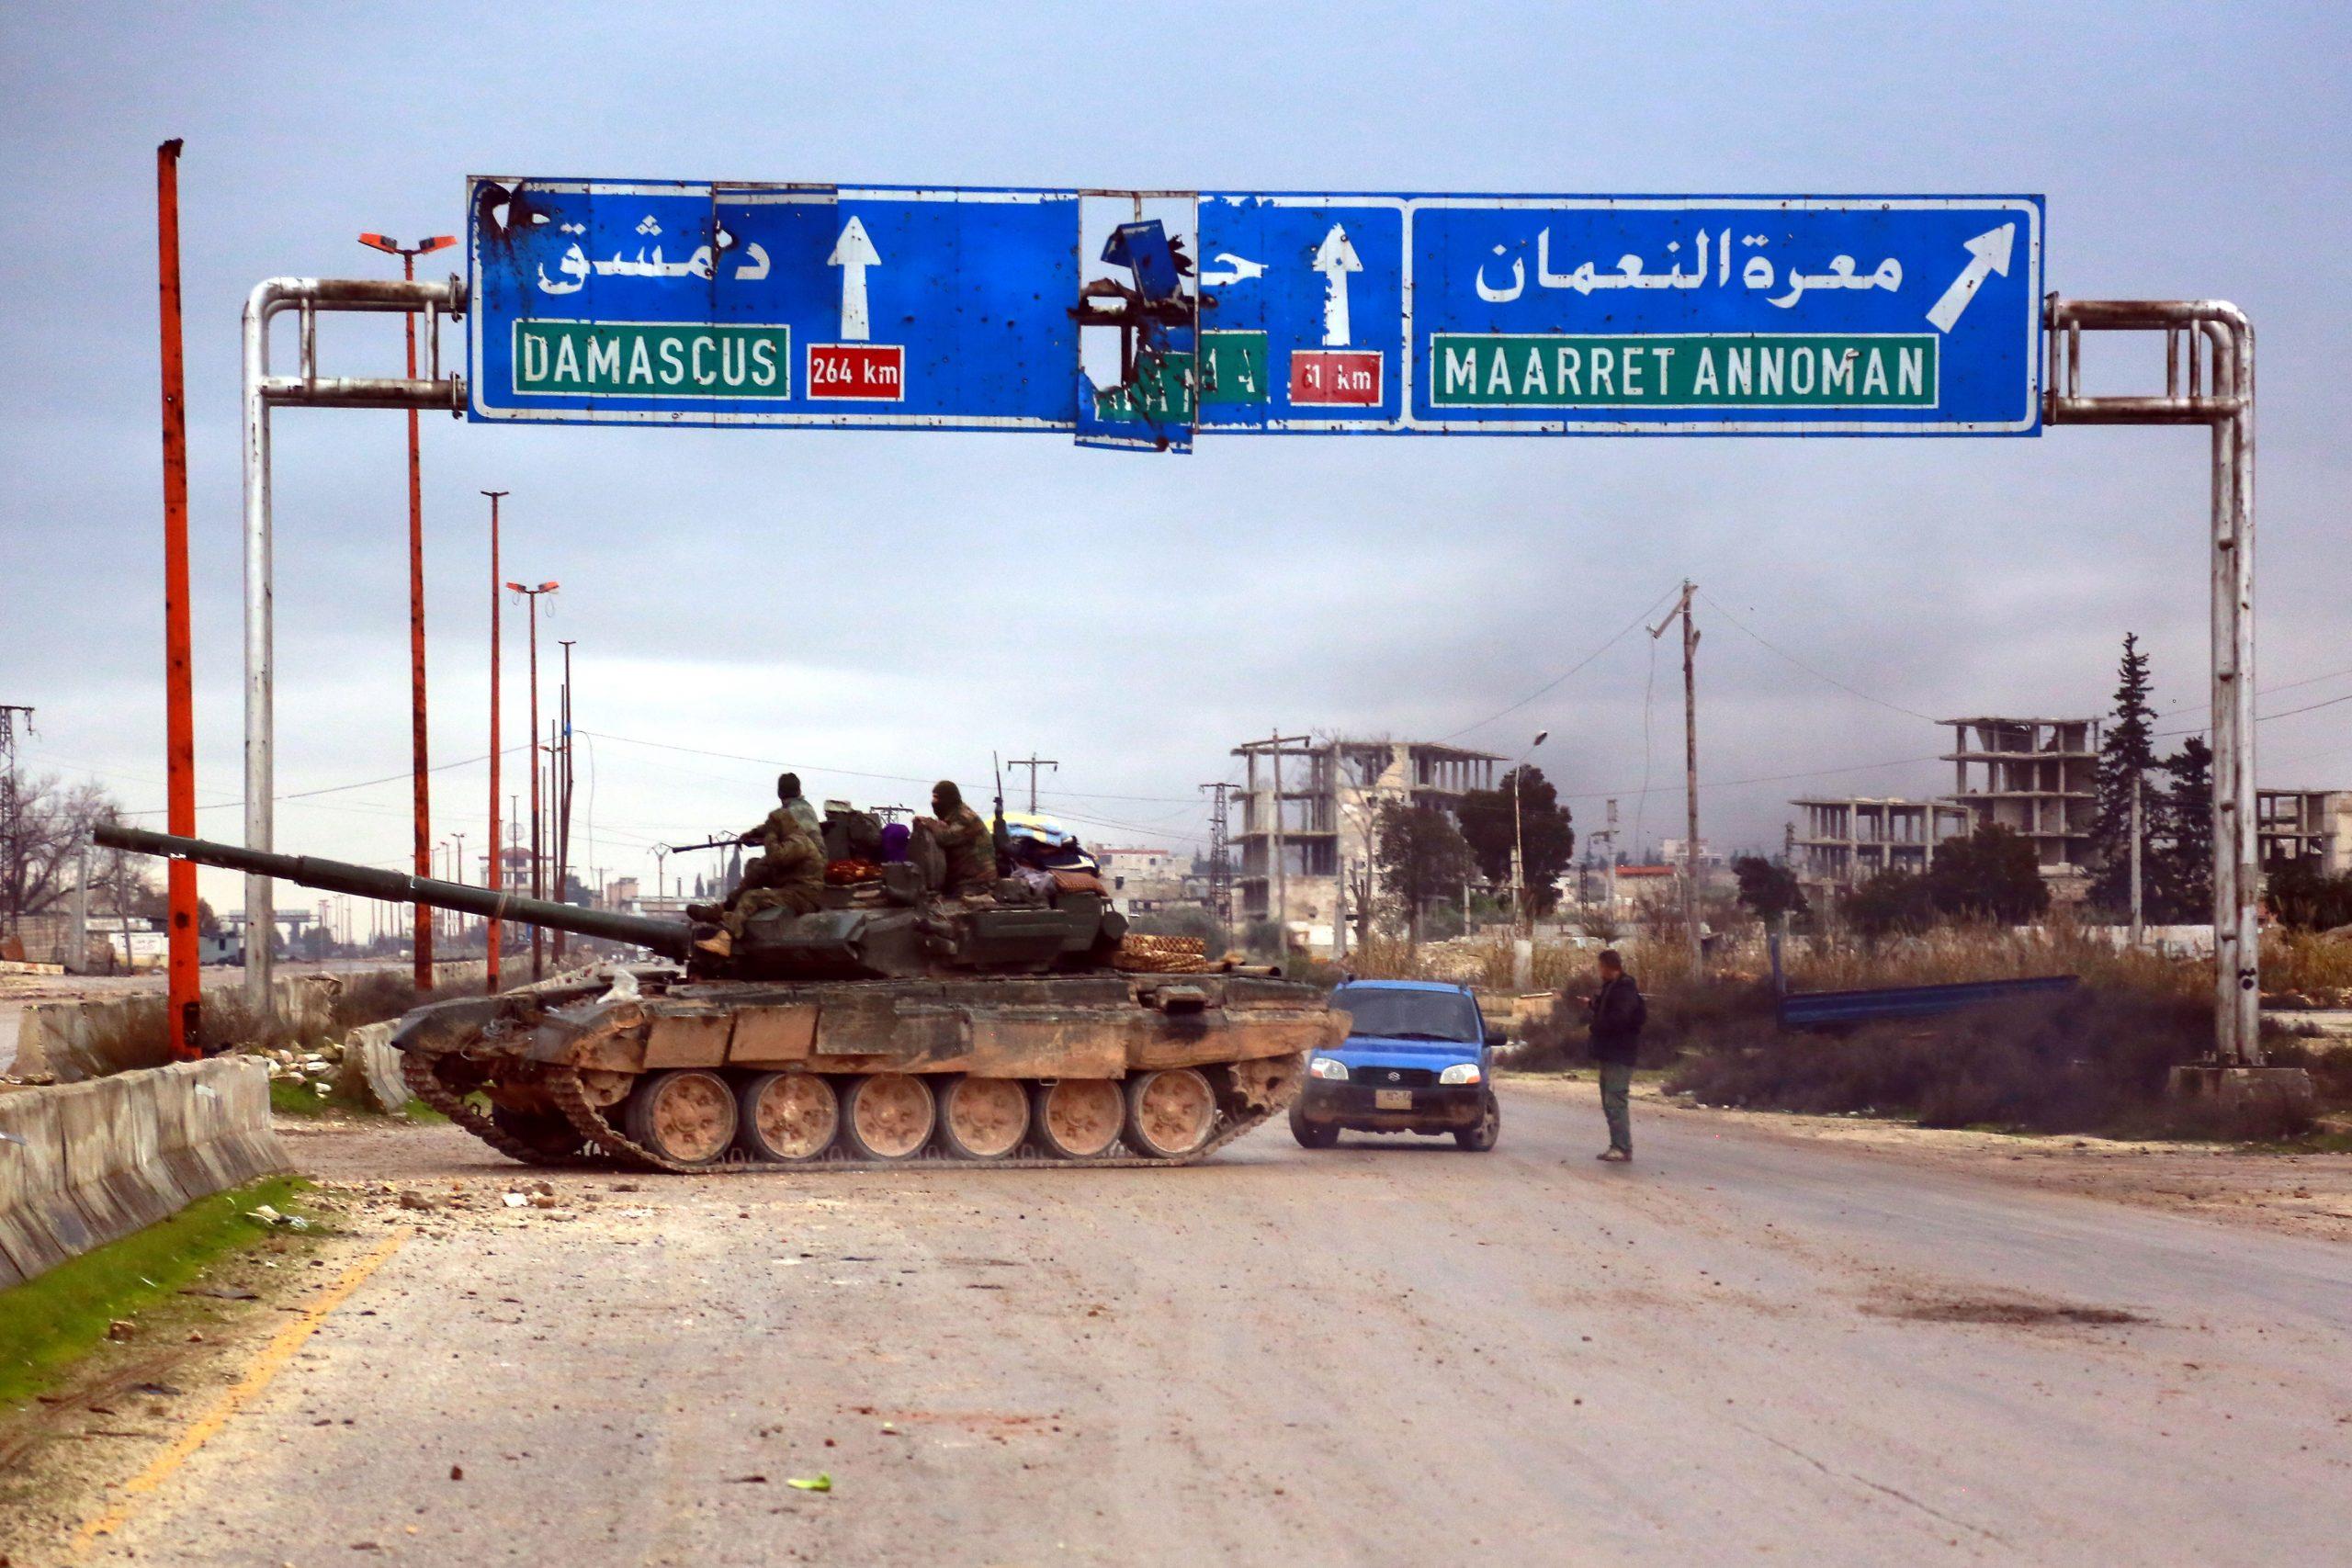 Απάντηση Μόσχας στις απειλές Ερντογάν: «Δική σου η ευθύνη – Λες ψέματα για επιθέσεις στους αμάχους» – Προελαύνει ο στρατός του Άσαντ